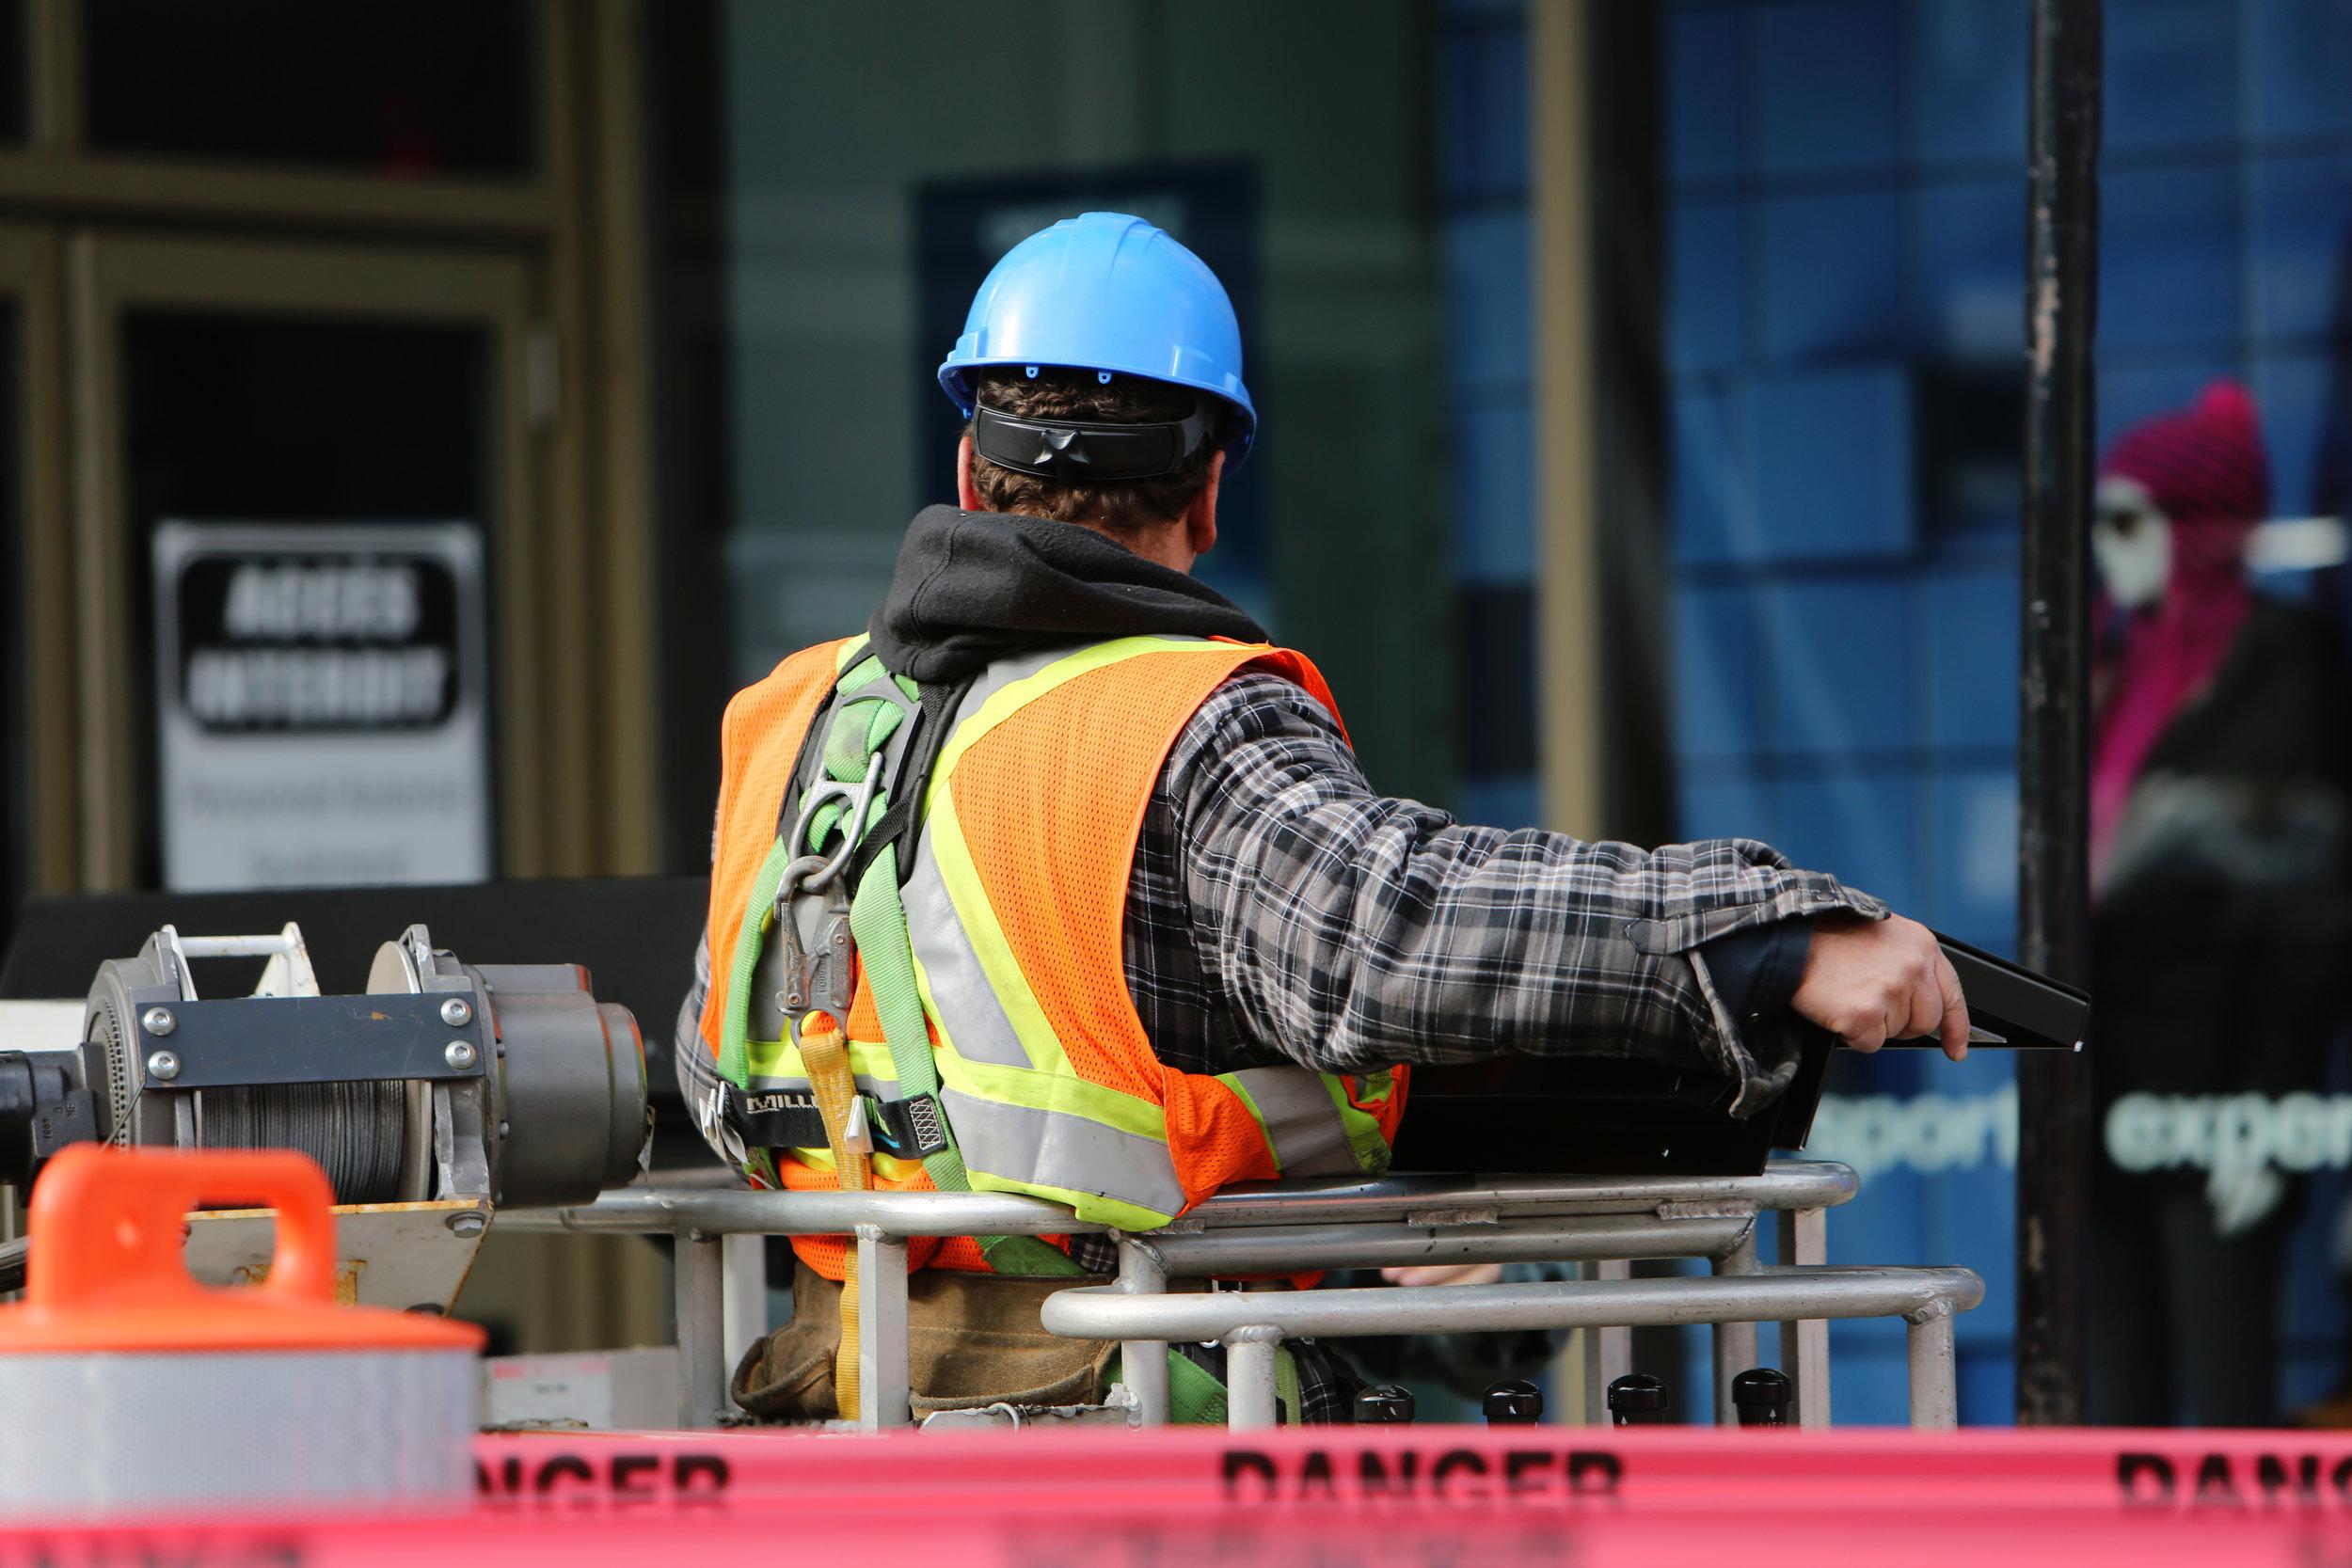 a-lone-worker.jpg